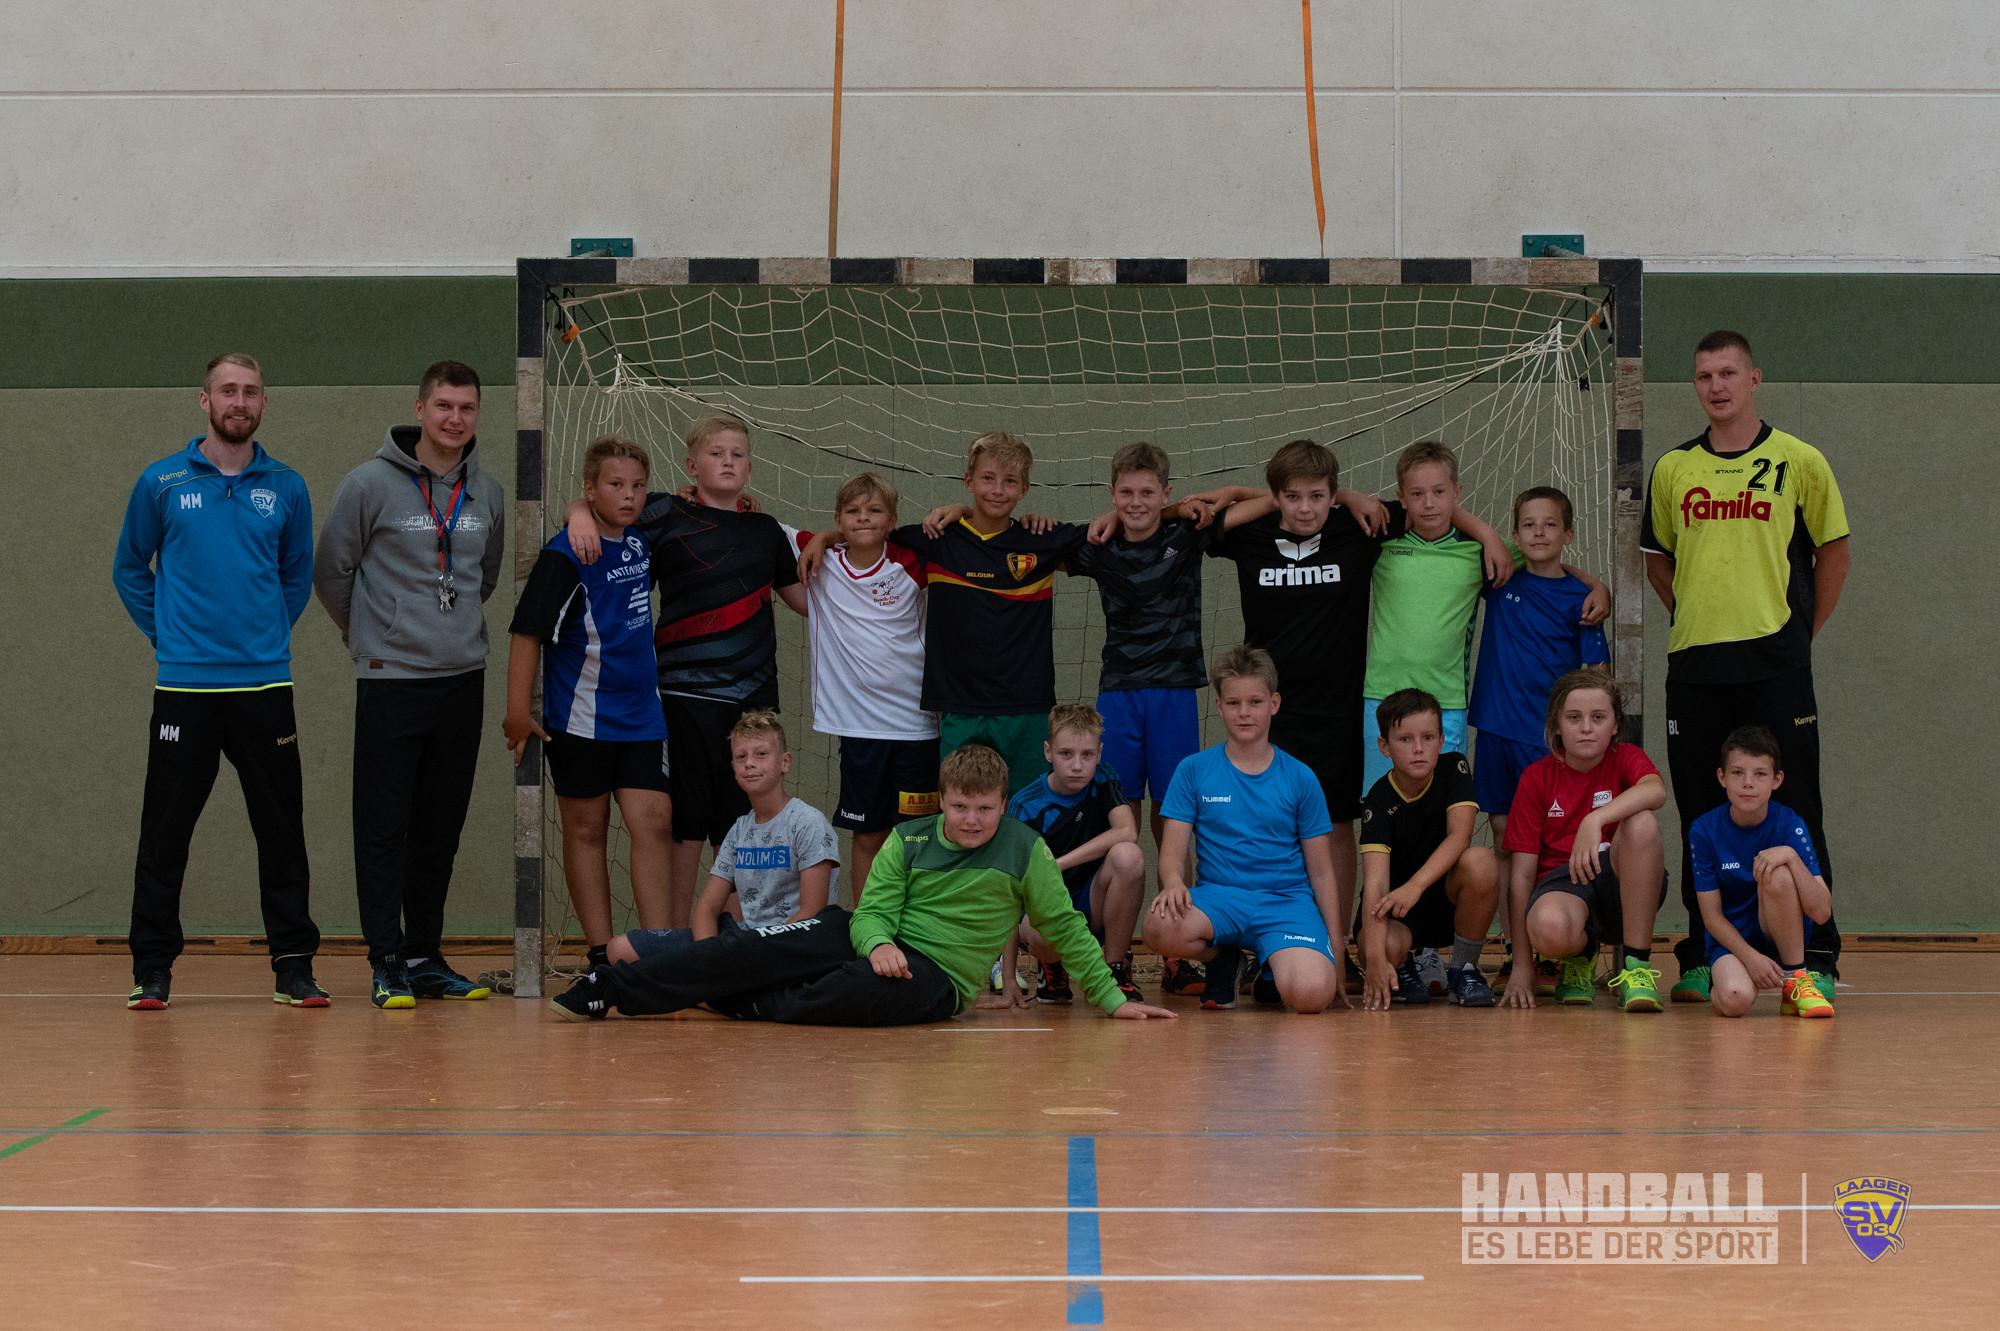 20210807 Laager SV 03 Handball-Camp-198.jpg